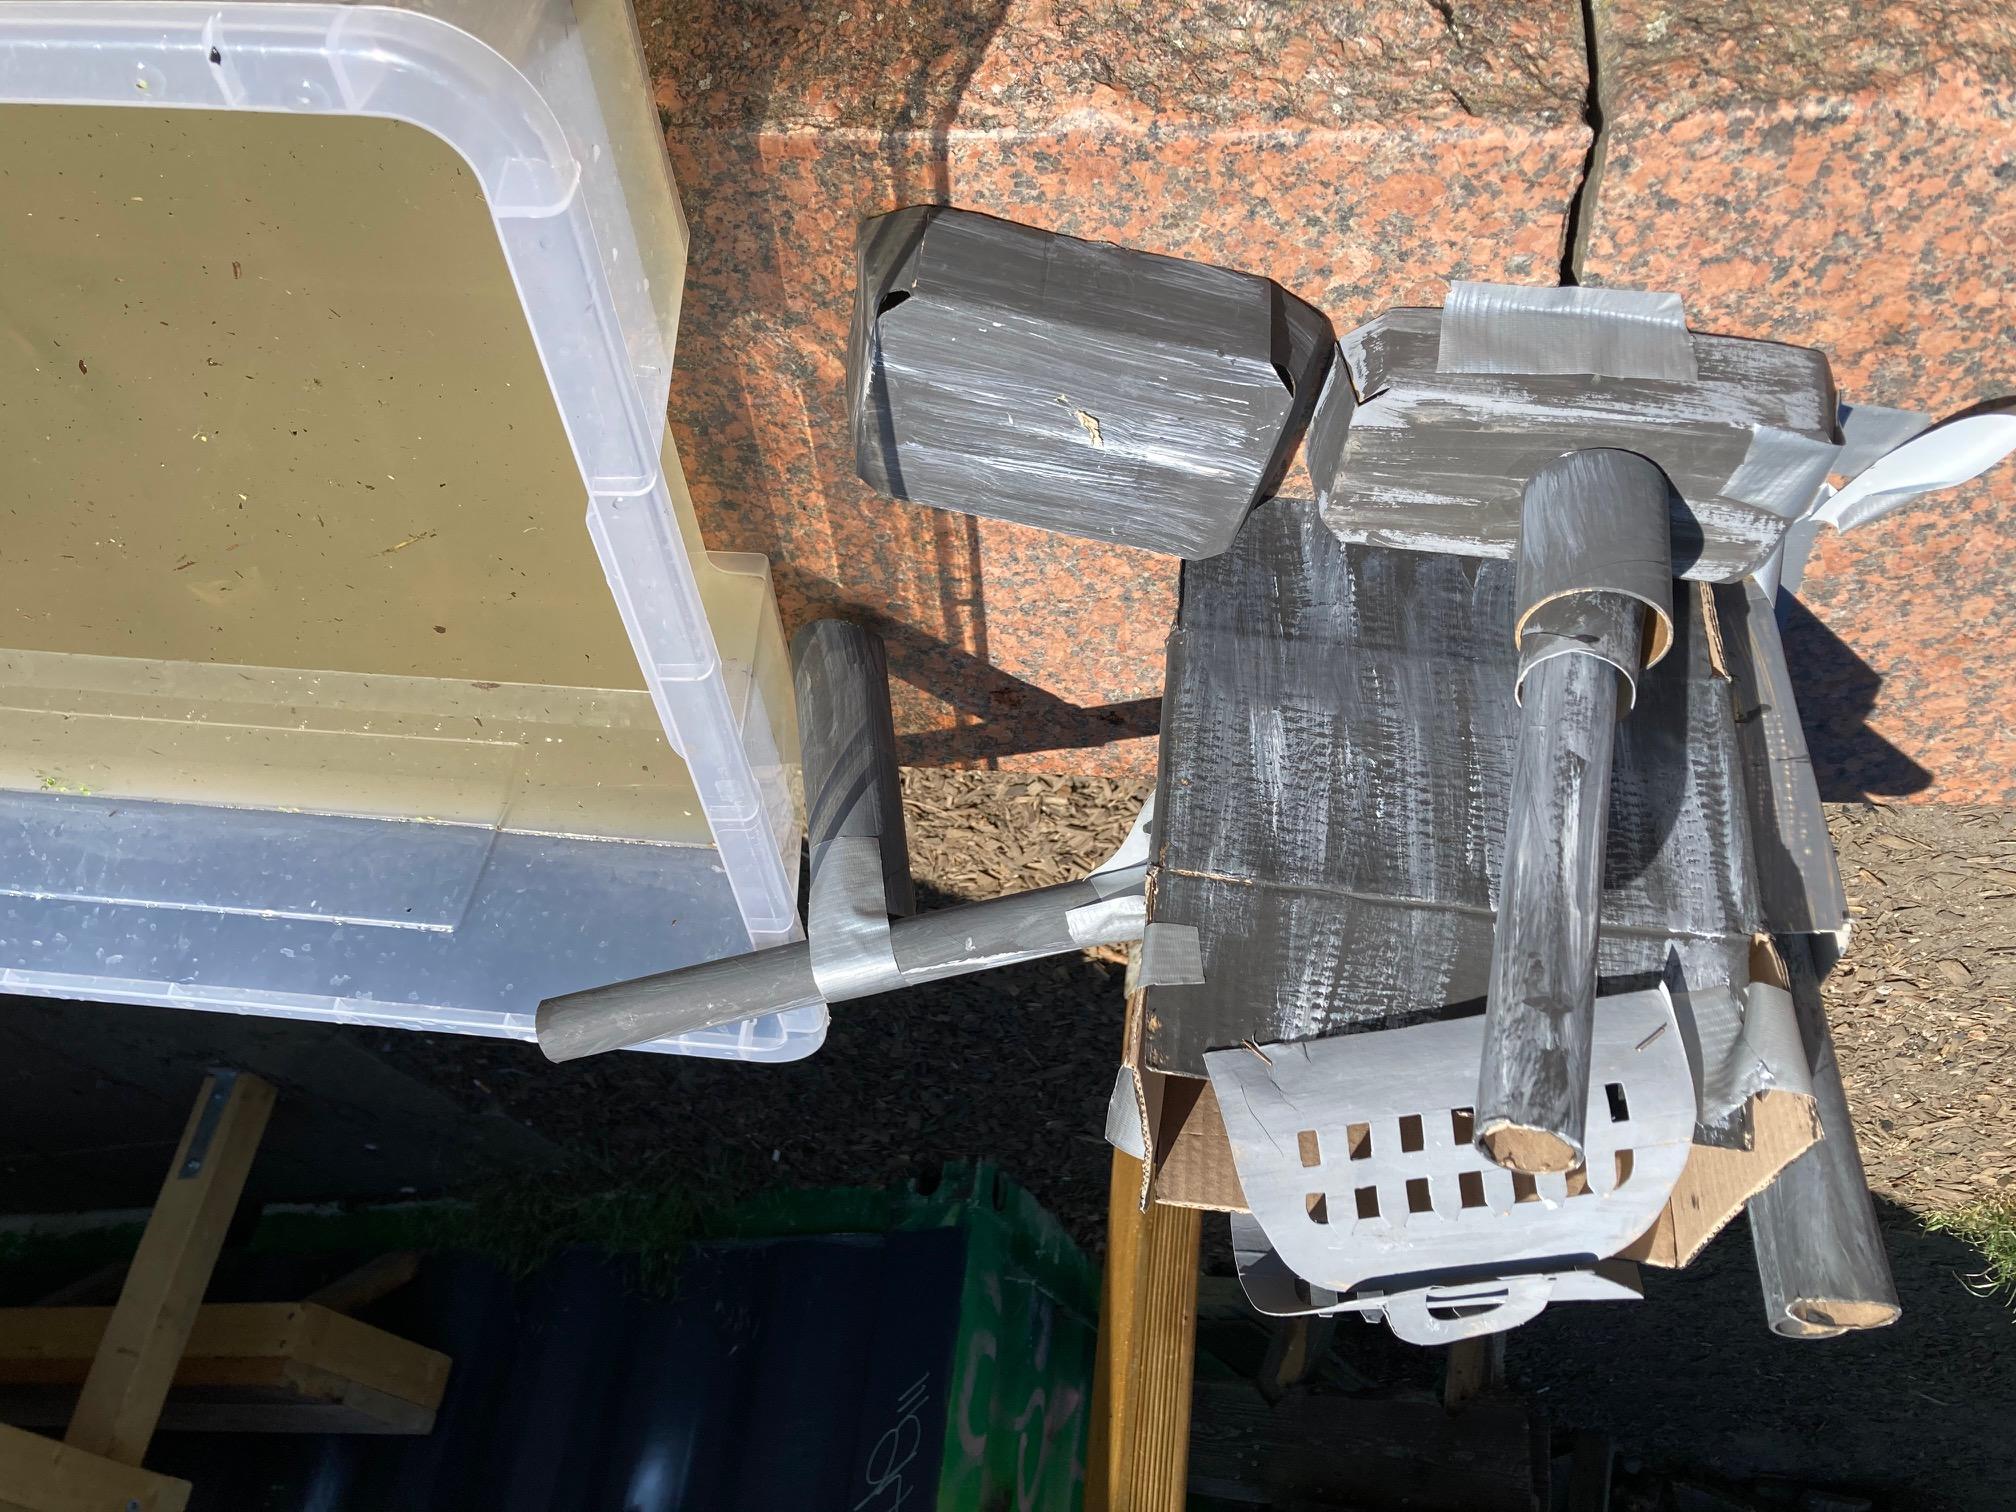 Eine kleine graue Fabrik aus Kartons mit langen Röhren steht neben einem Wasserbecken mit verschmutztem schlammigen Wasser auf einer Steinmauer